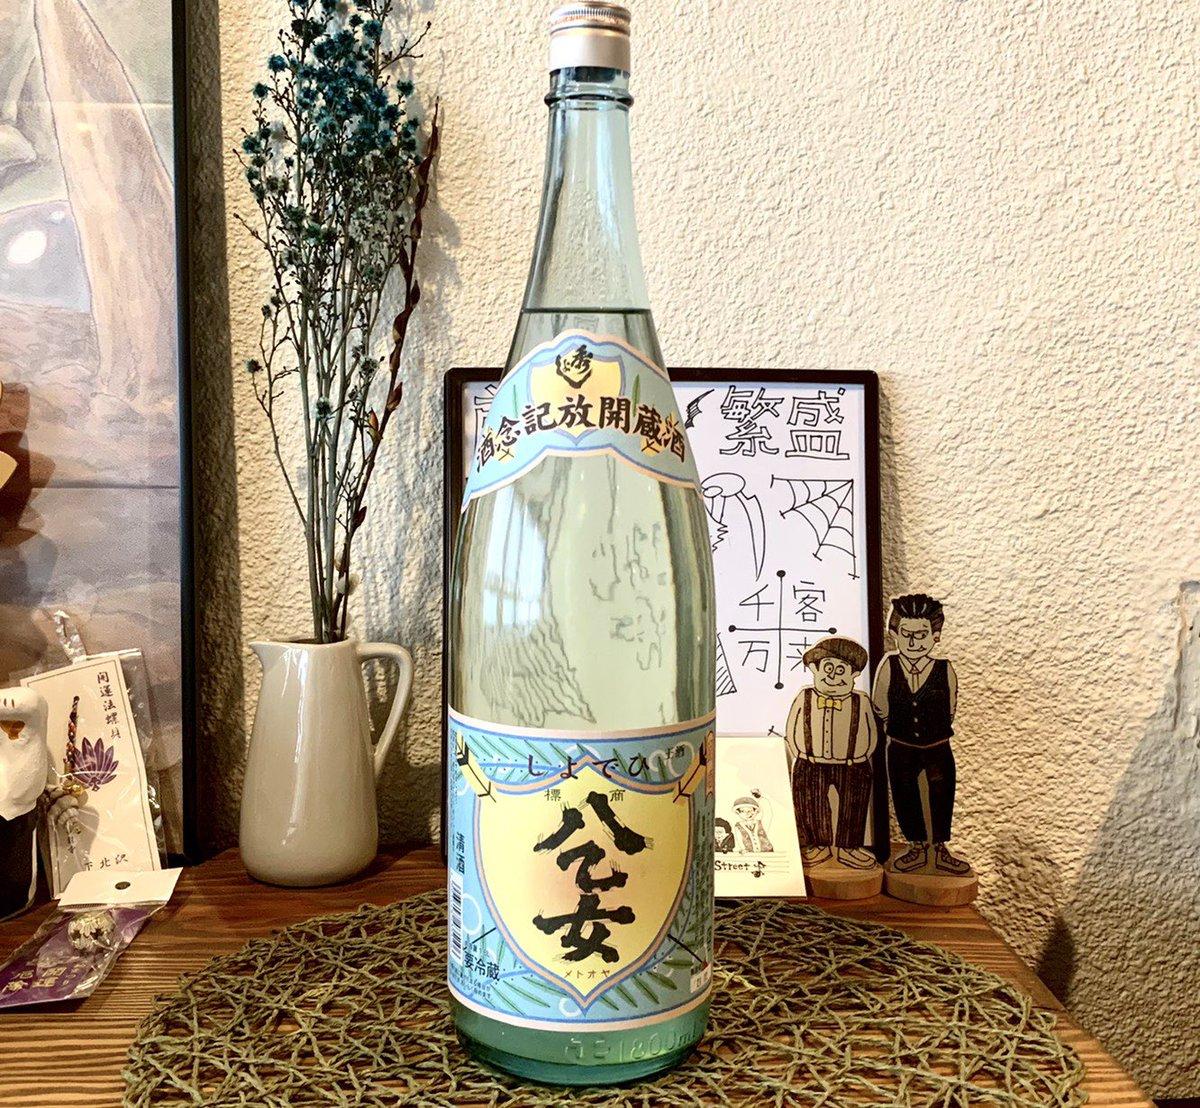 test ツイッターメディア - 本日は祝日の為、オープン致します☆ そして新たな日本酒追加です!  「秀よし 八乙女(秋田)」 常連さんから頂きました!ありがとうございます!!  酒造開放の際にしか販売されない限定酒です☆  とにかく美味しいお酒ですので、この機会に是非♪  本日は15:00-20:00(Lo.19:00)にて営業します😊 https://t.co/CkQW63D5rJ